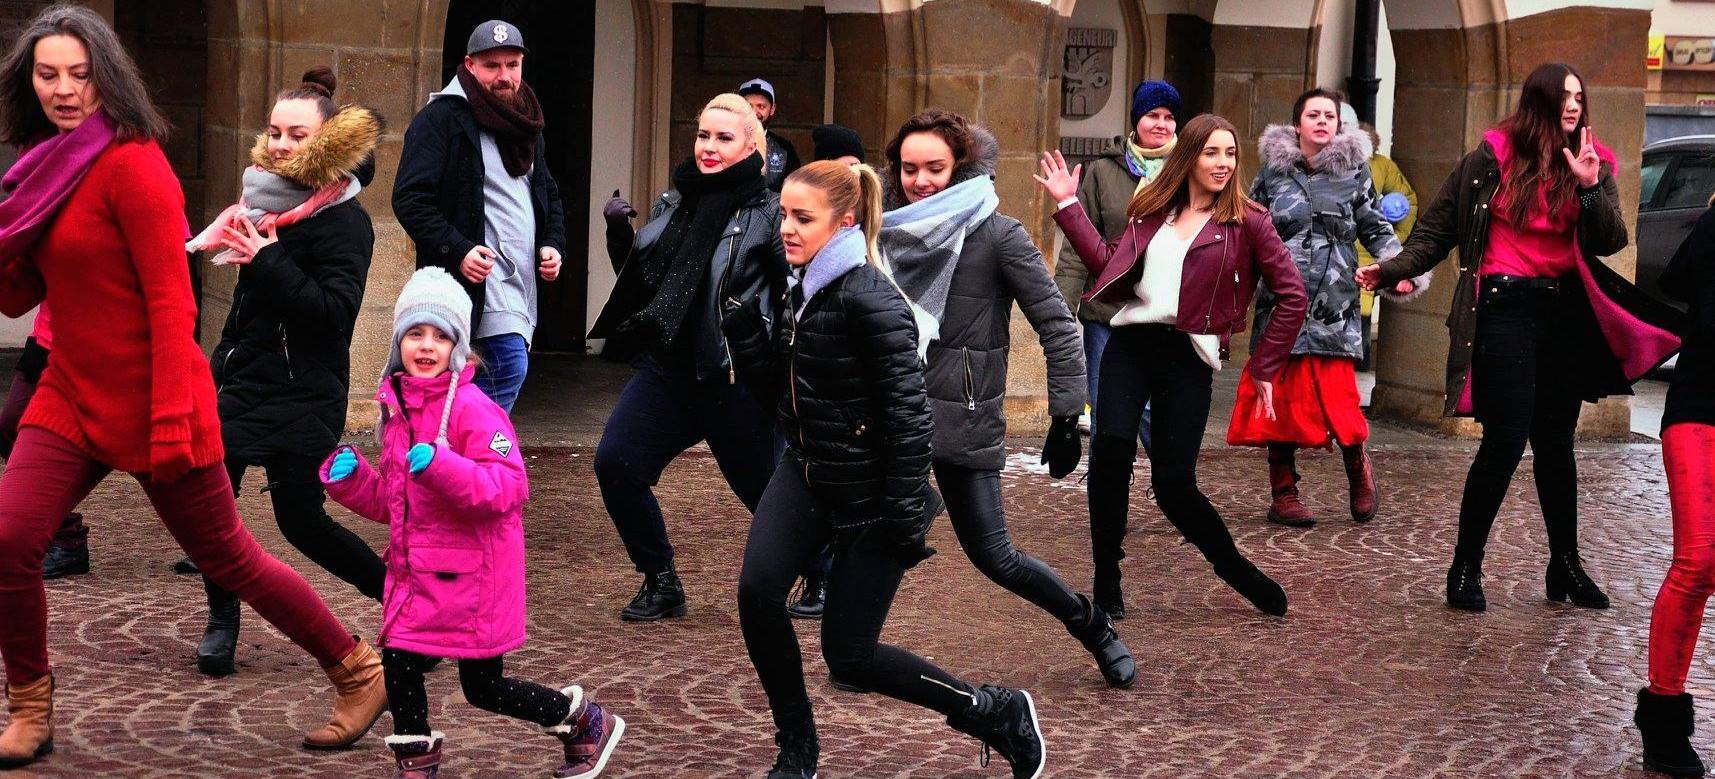 One Bilion Rising. W Walentynki Rzeszów tańczy przeciwko przemocy wobec kobiet!